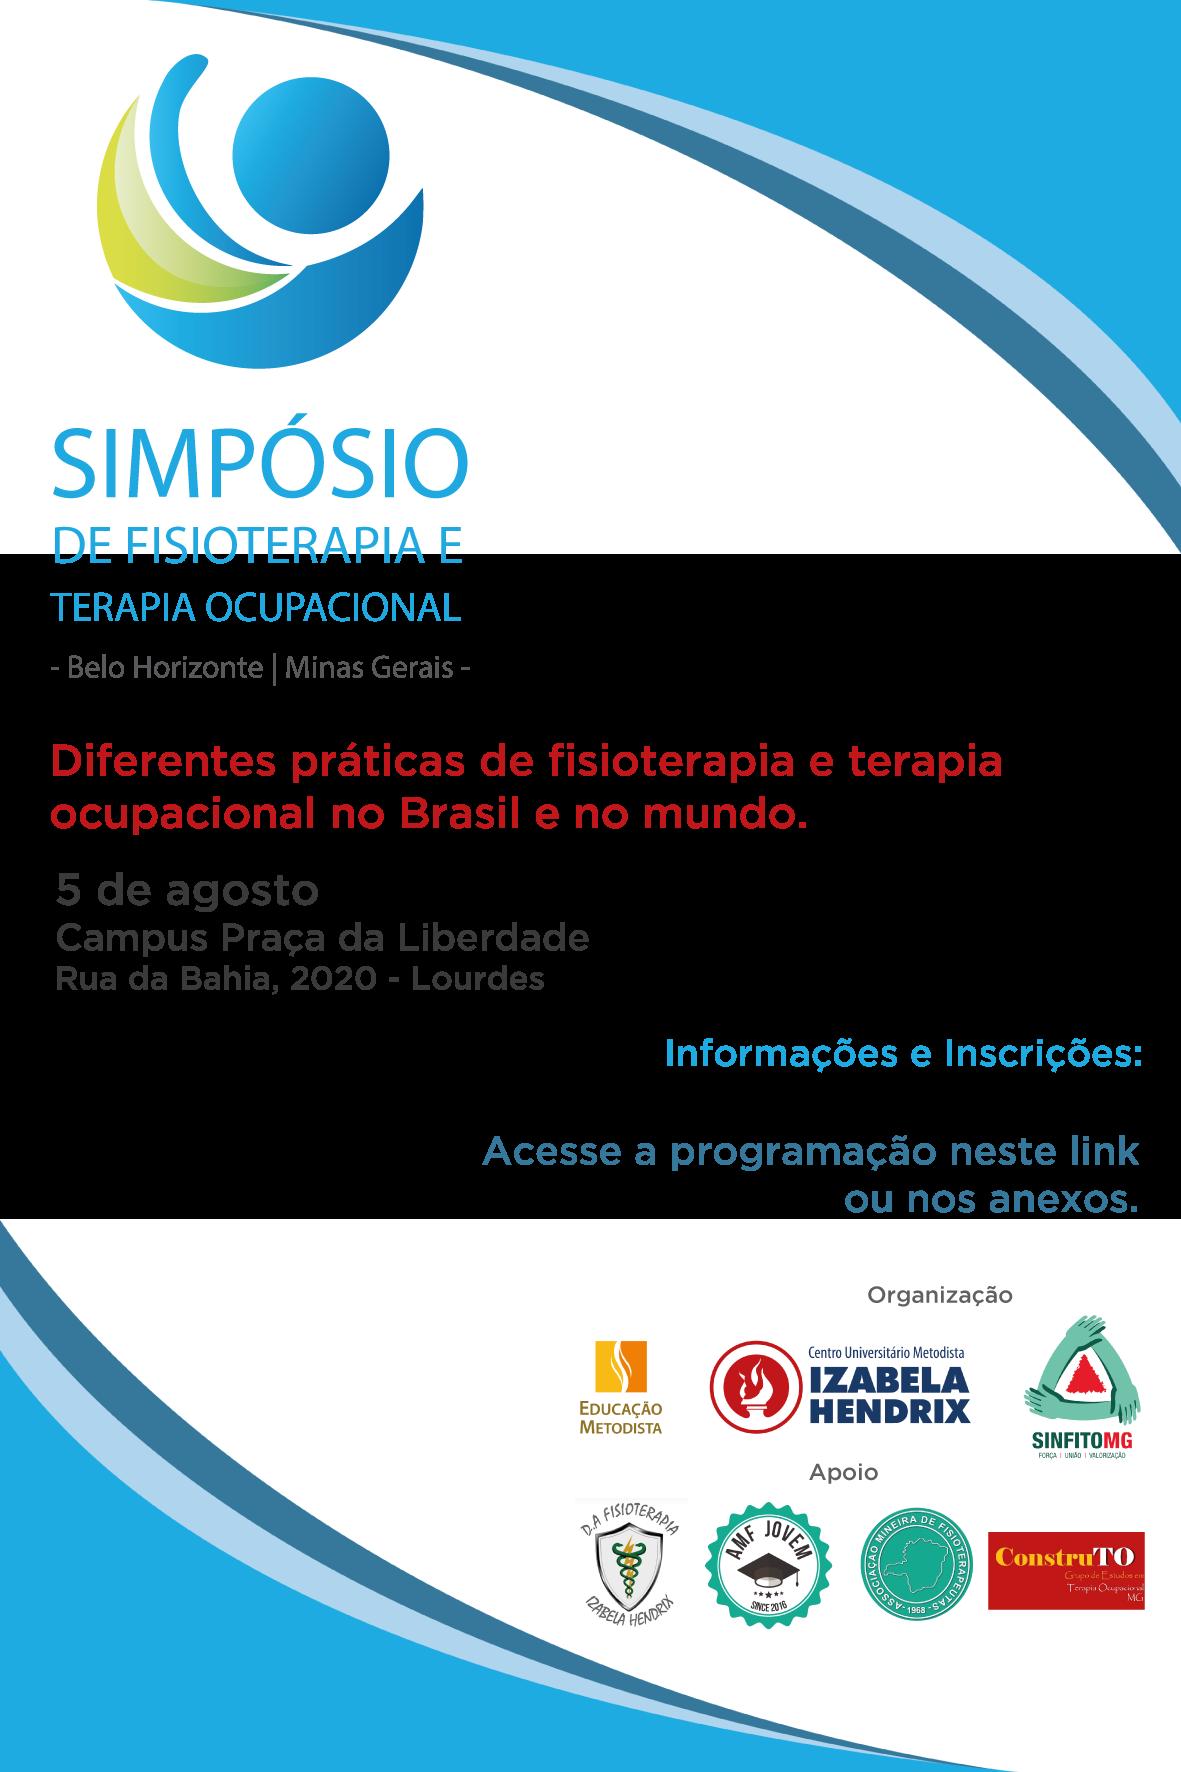 DIVULGAÇÃO simposio-01.png